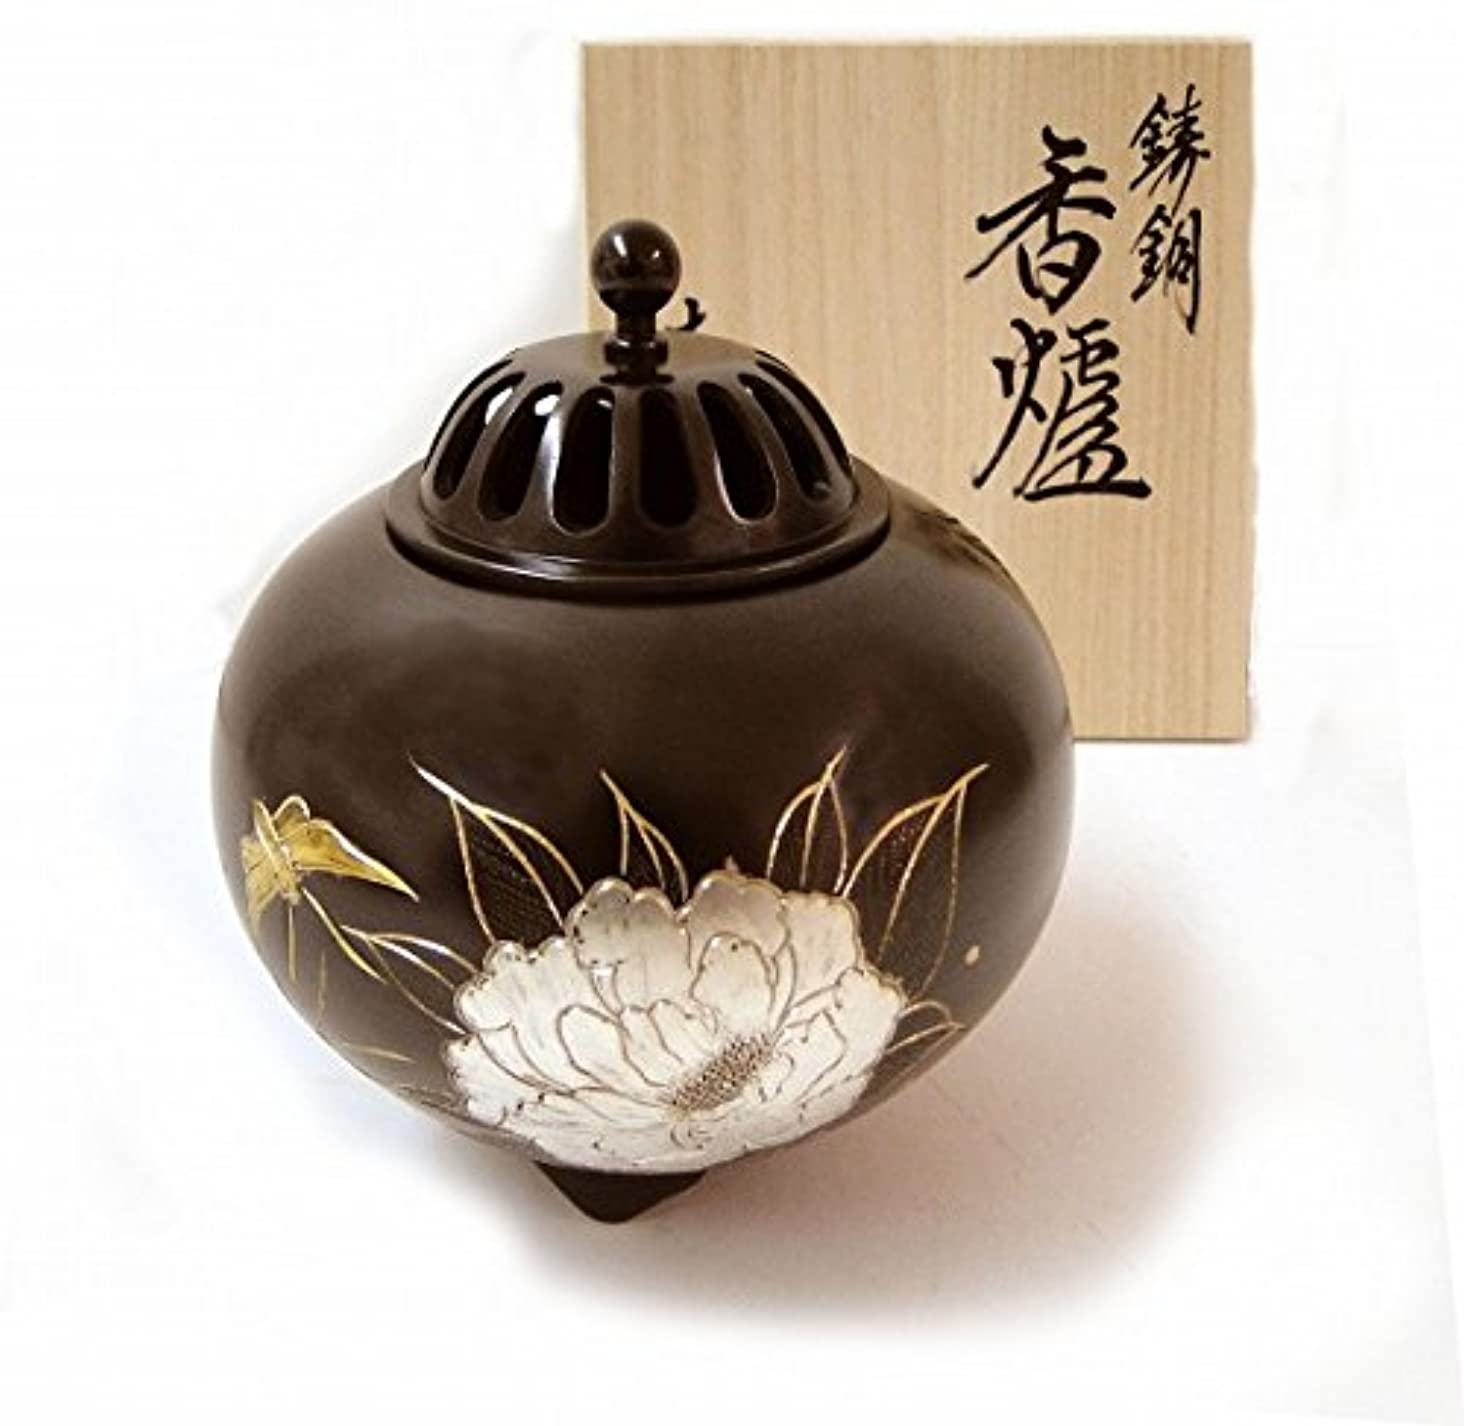 方言バスト翻訳者『平丸香炉?牡丹』銅製